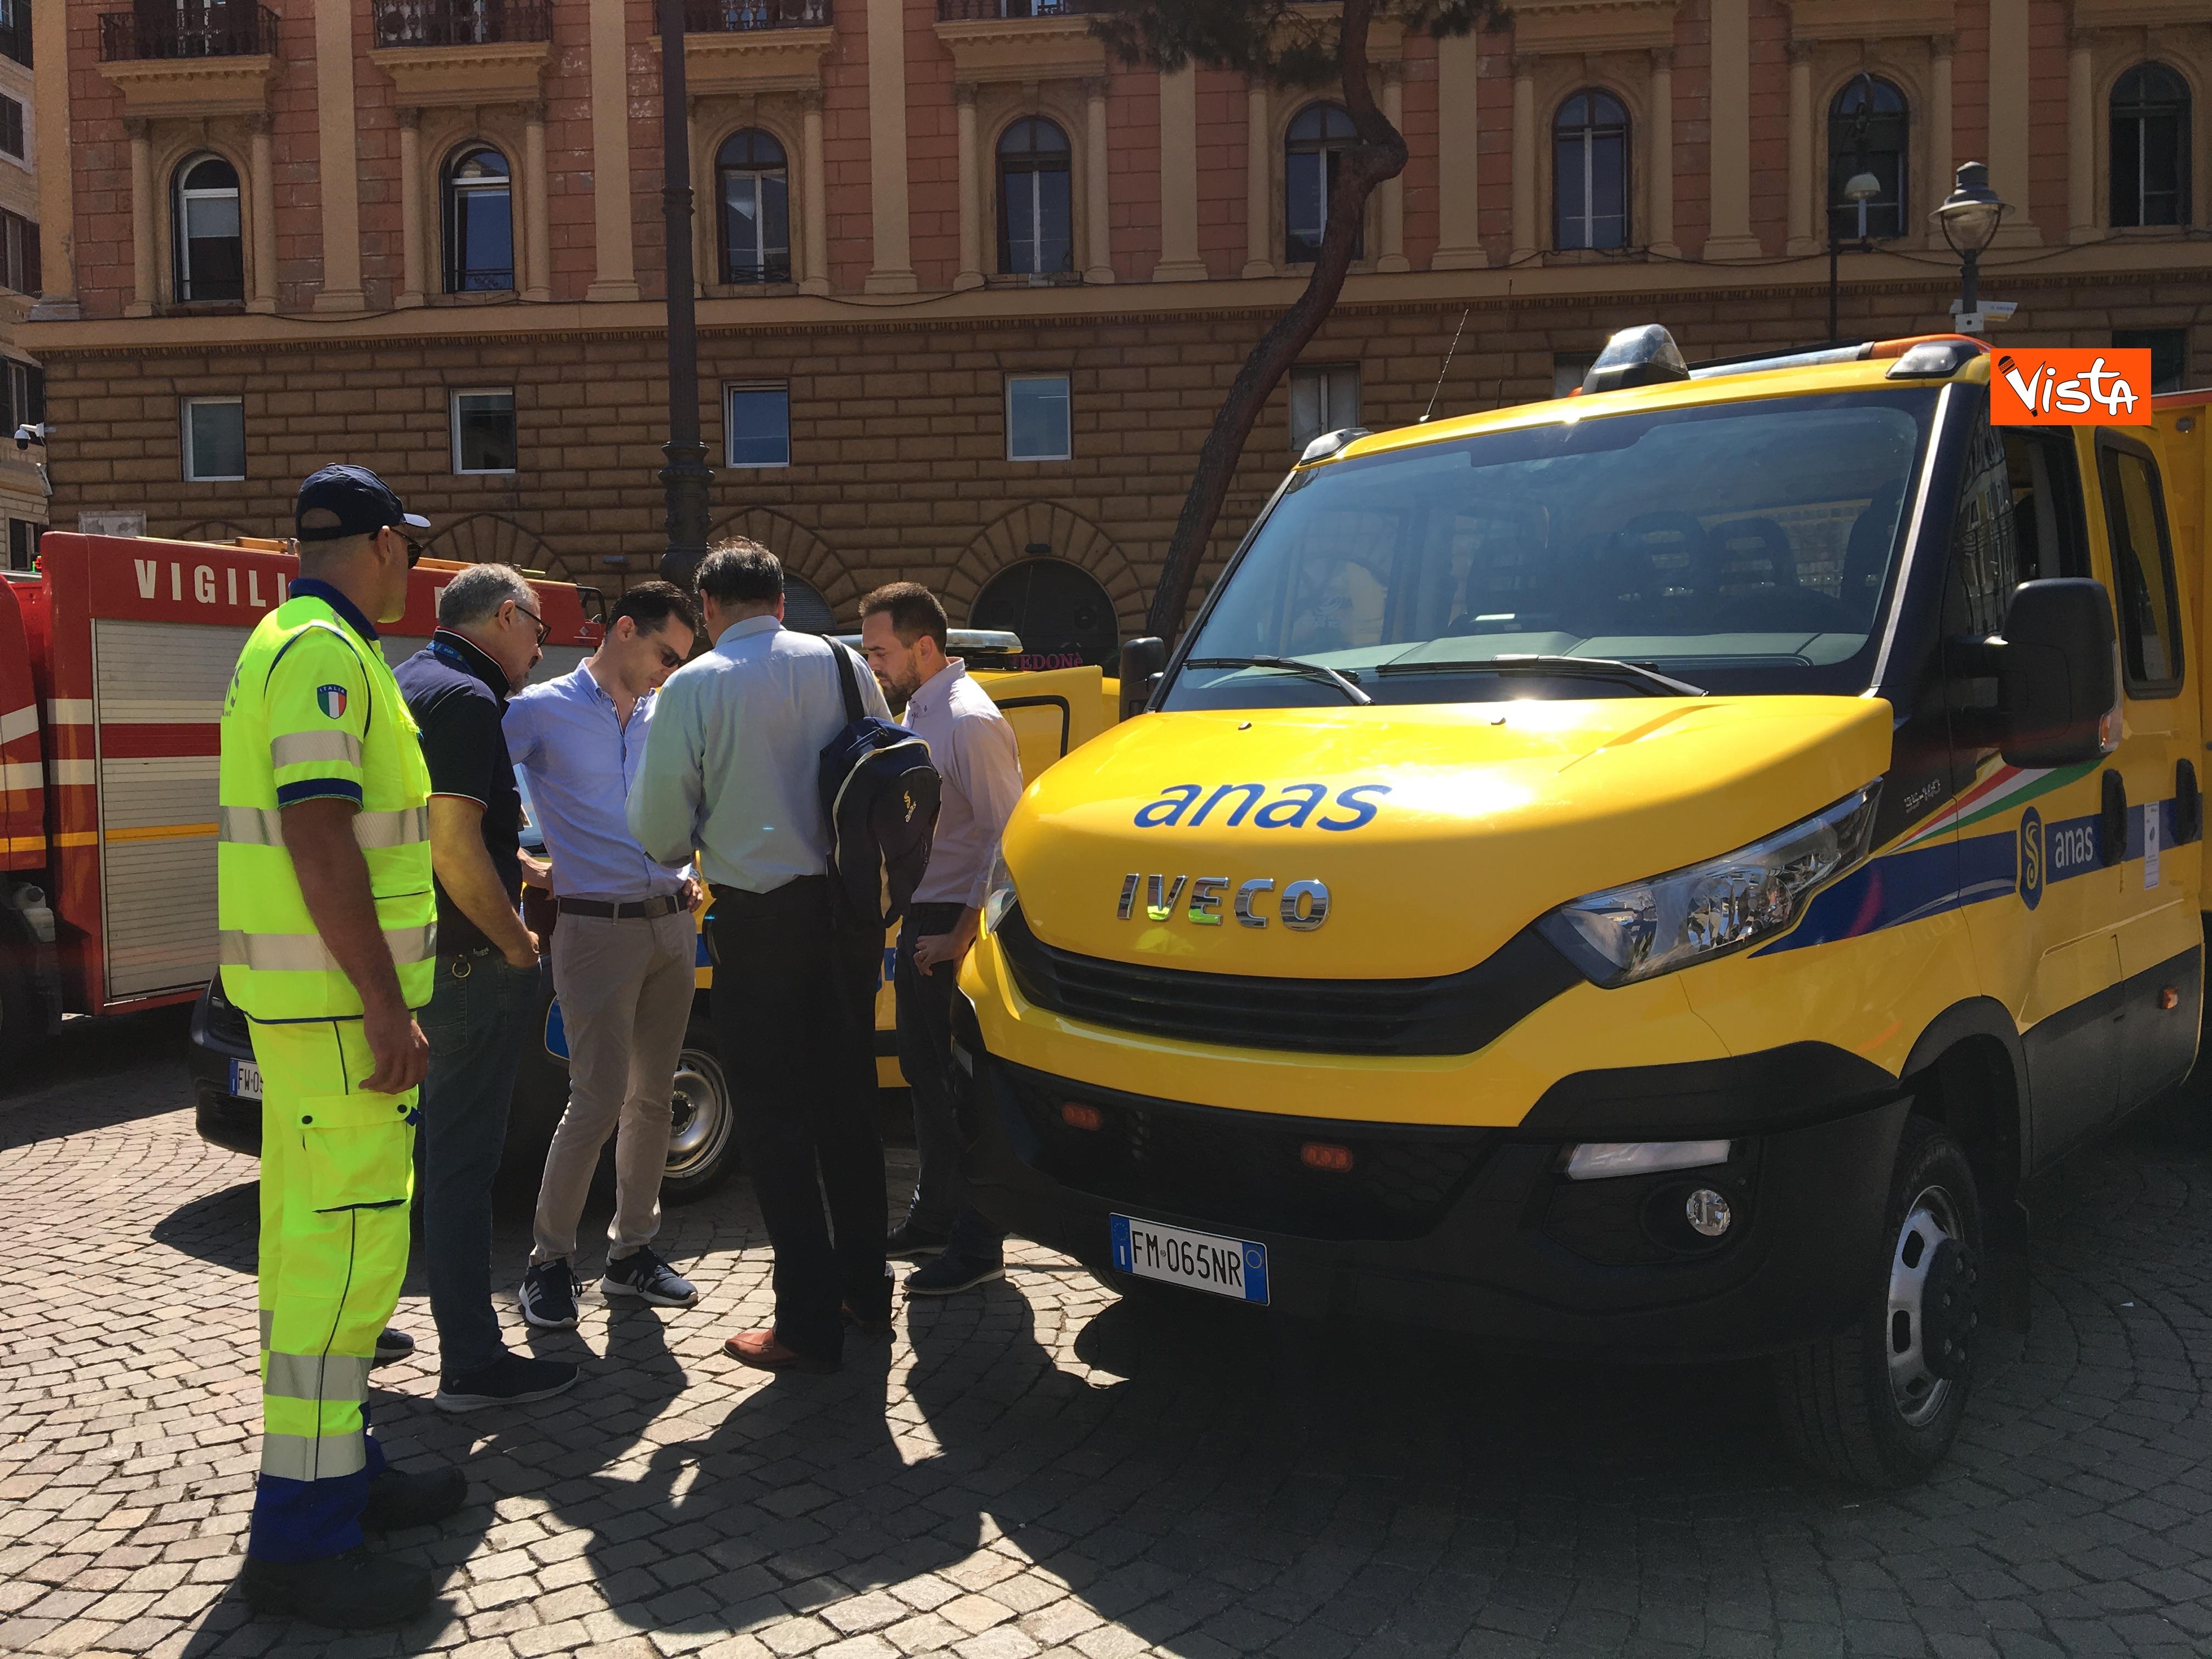 18-07-19 Viabilita Italia il piano di gestione per l esodo estivo presentato al Viminale immagini_09